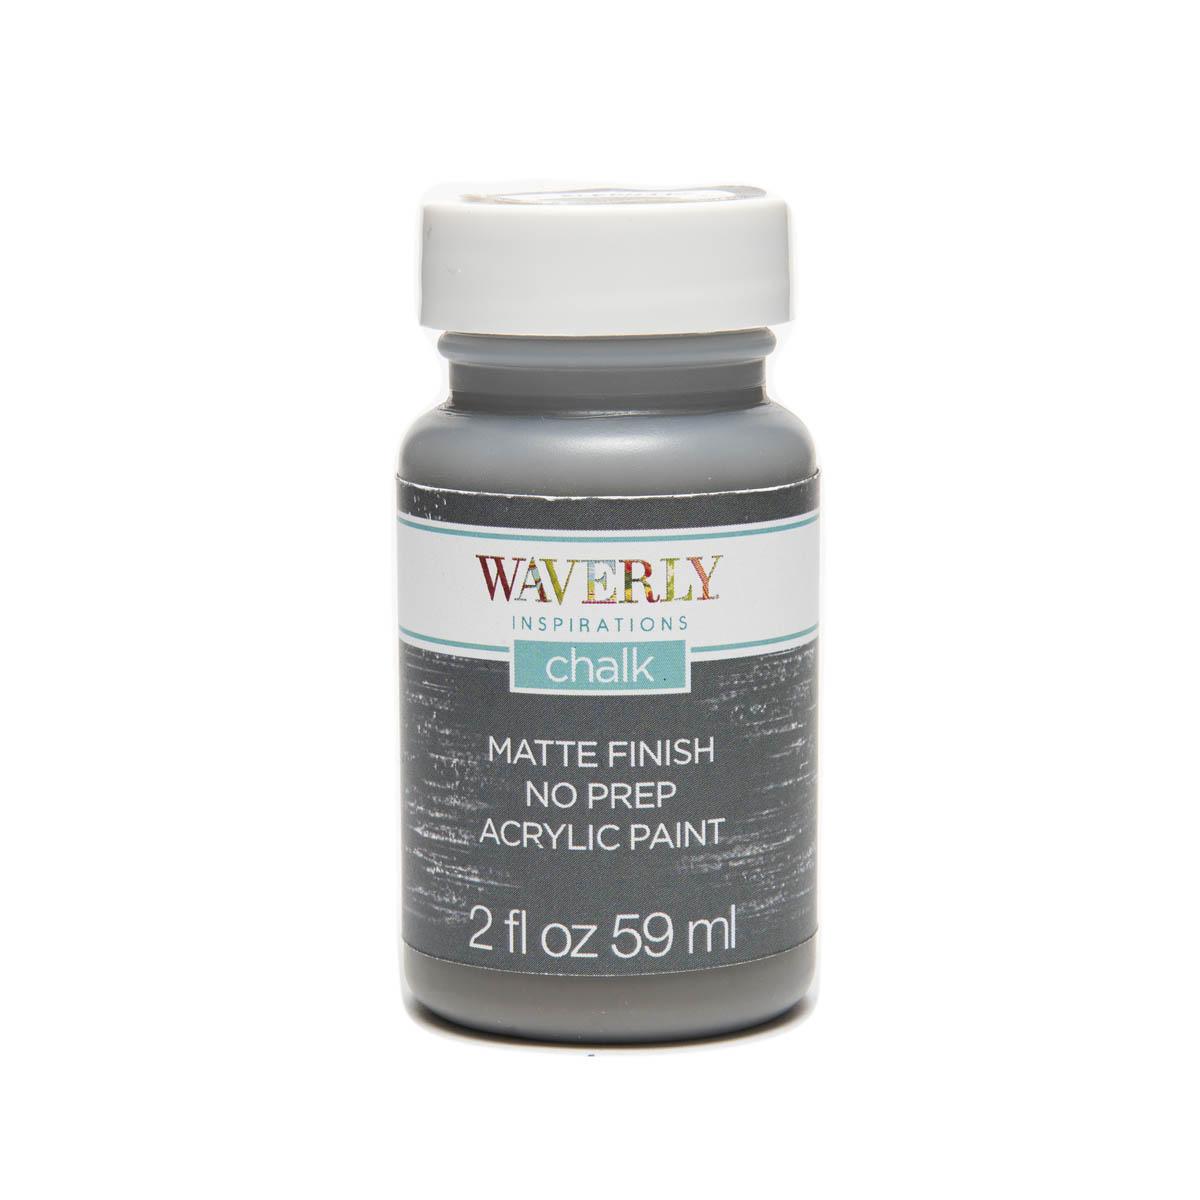 Waverly ® Inspirations Chalk Finish Acrylic Paint - Elephant, 2 oz.